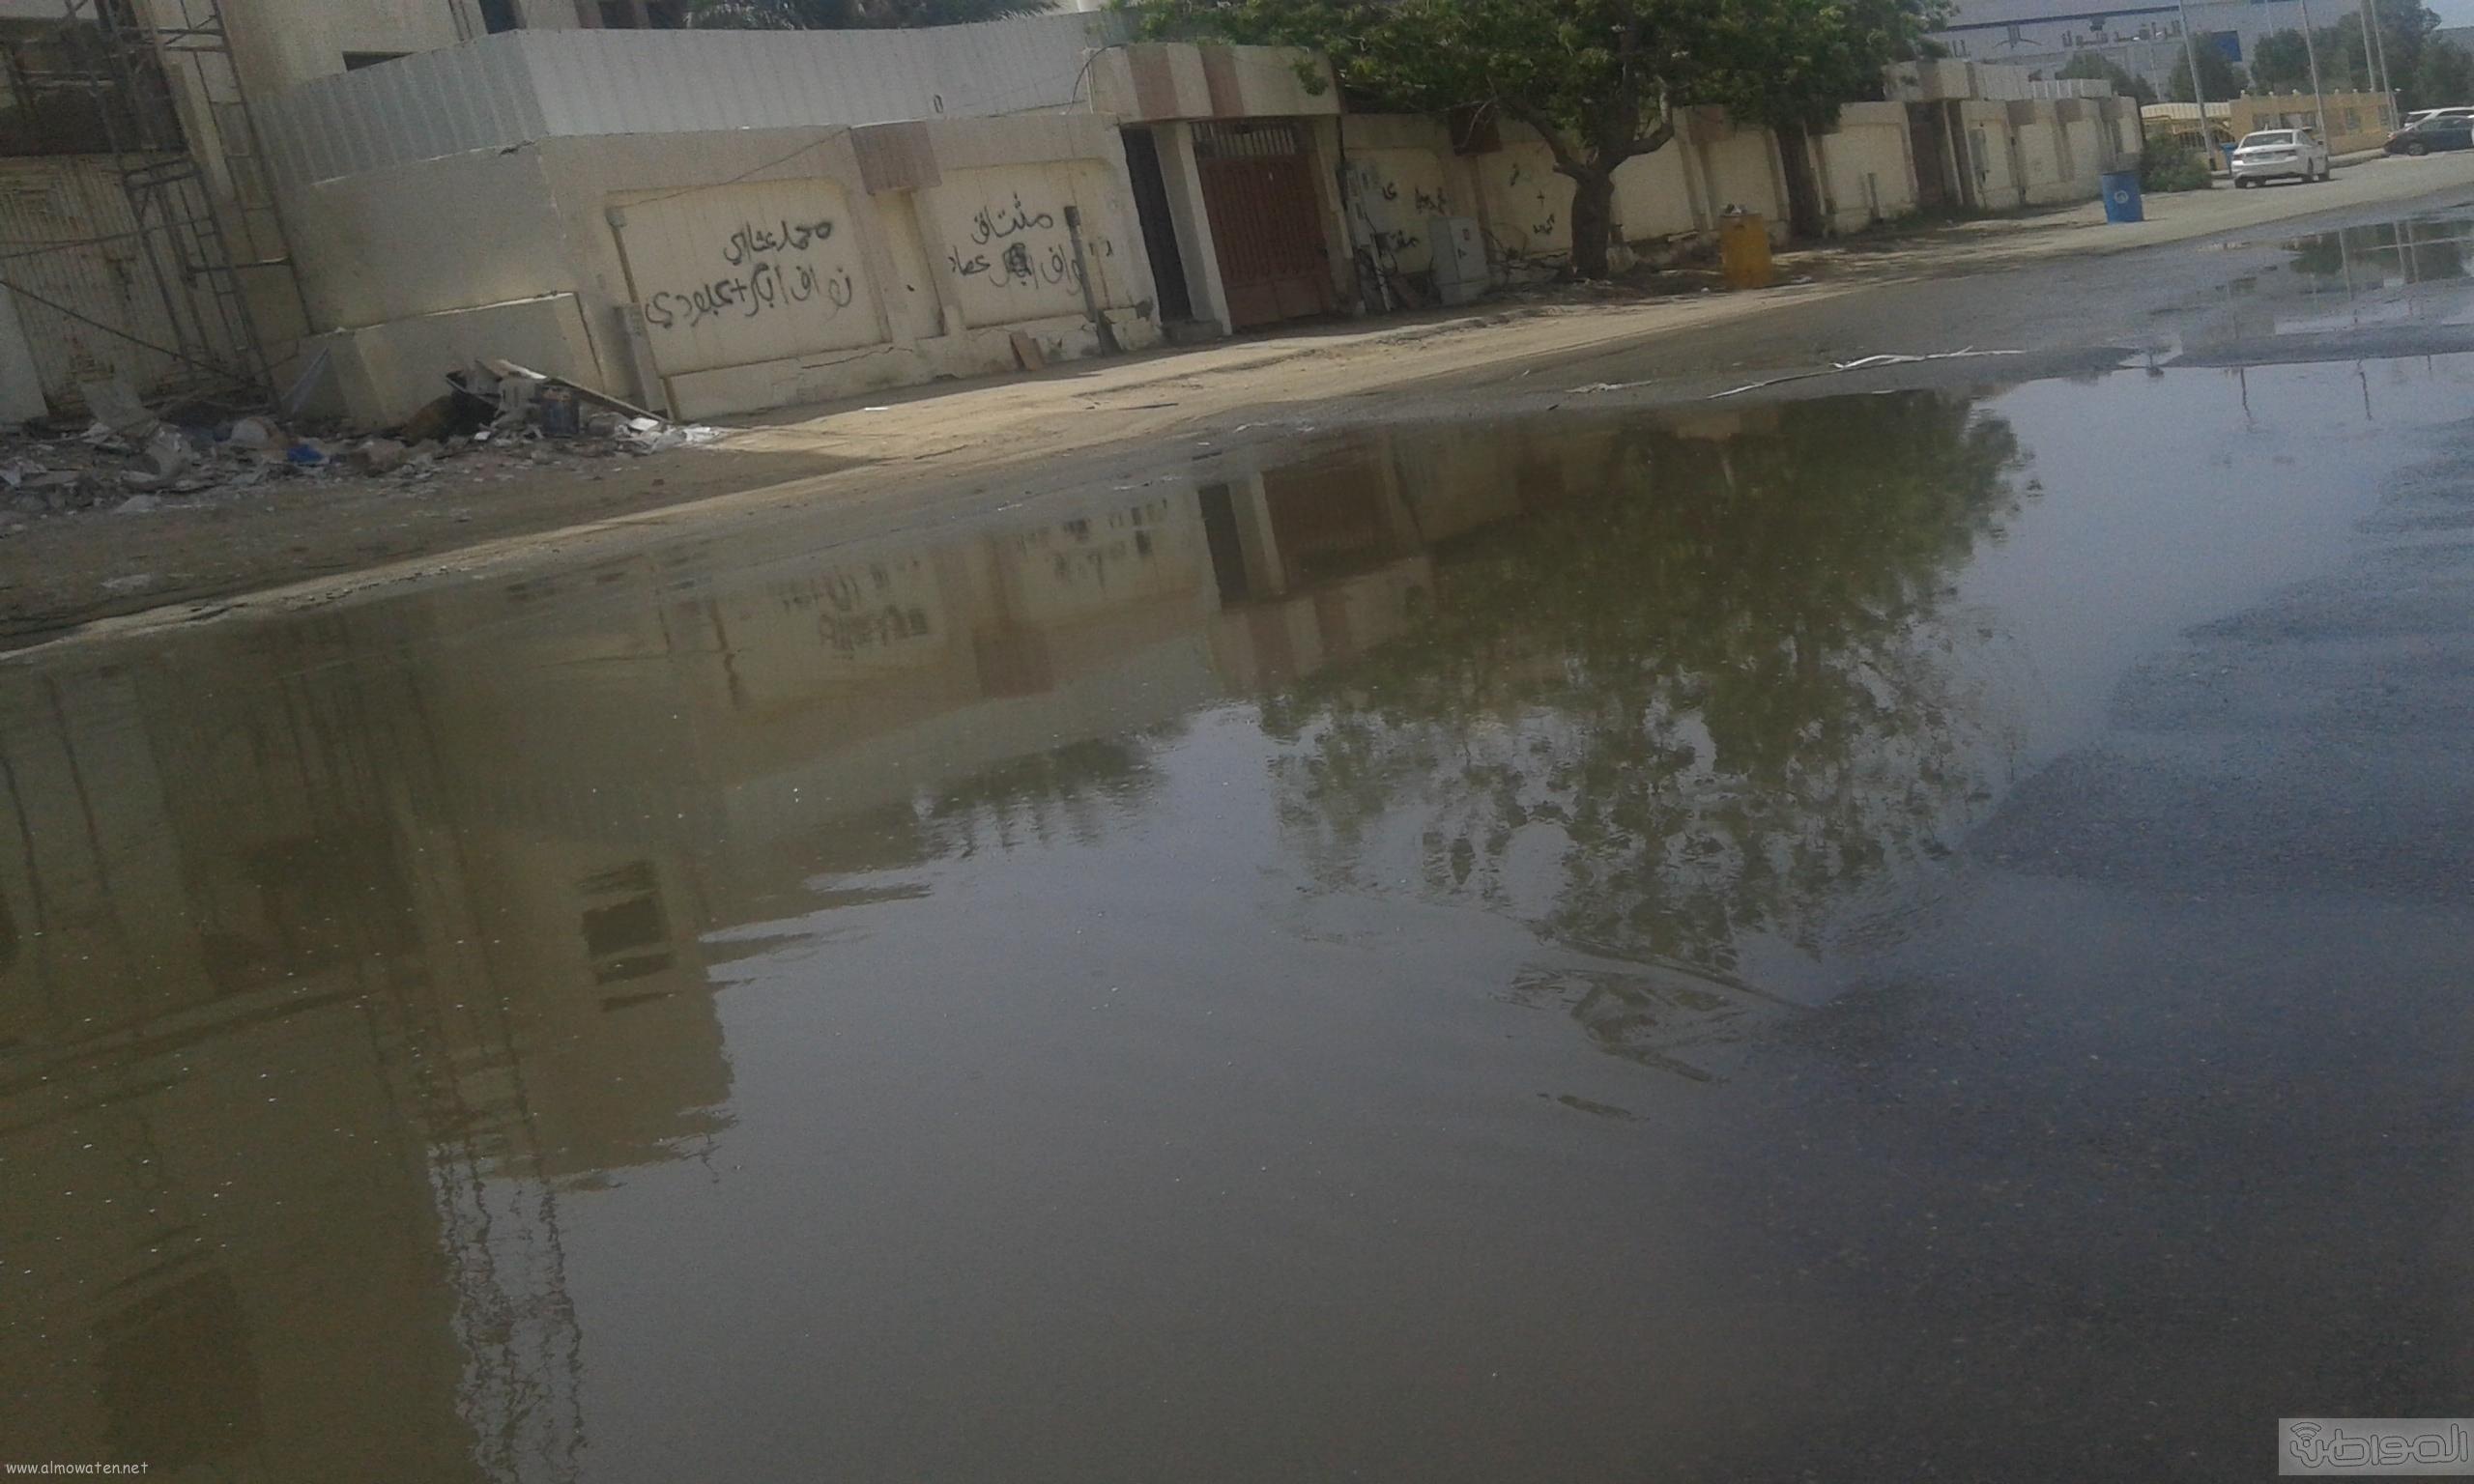 مياه الصرف الصحي تحاصر مسجد ومباني حكومية بروضة جازان (2)